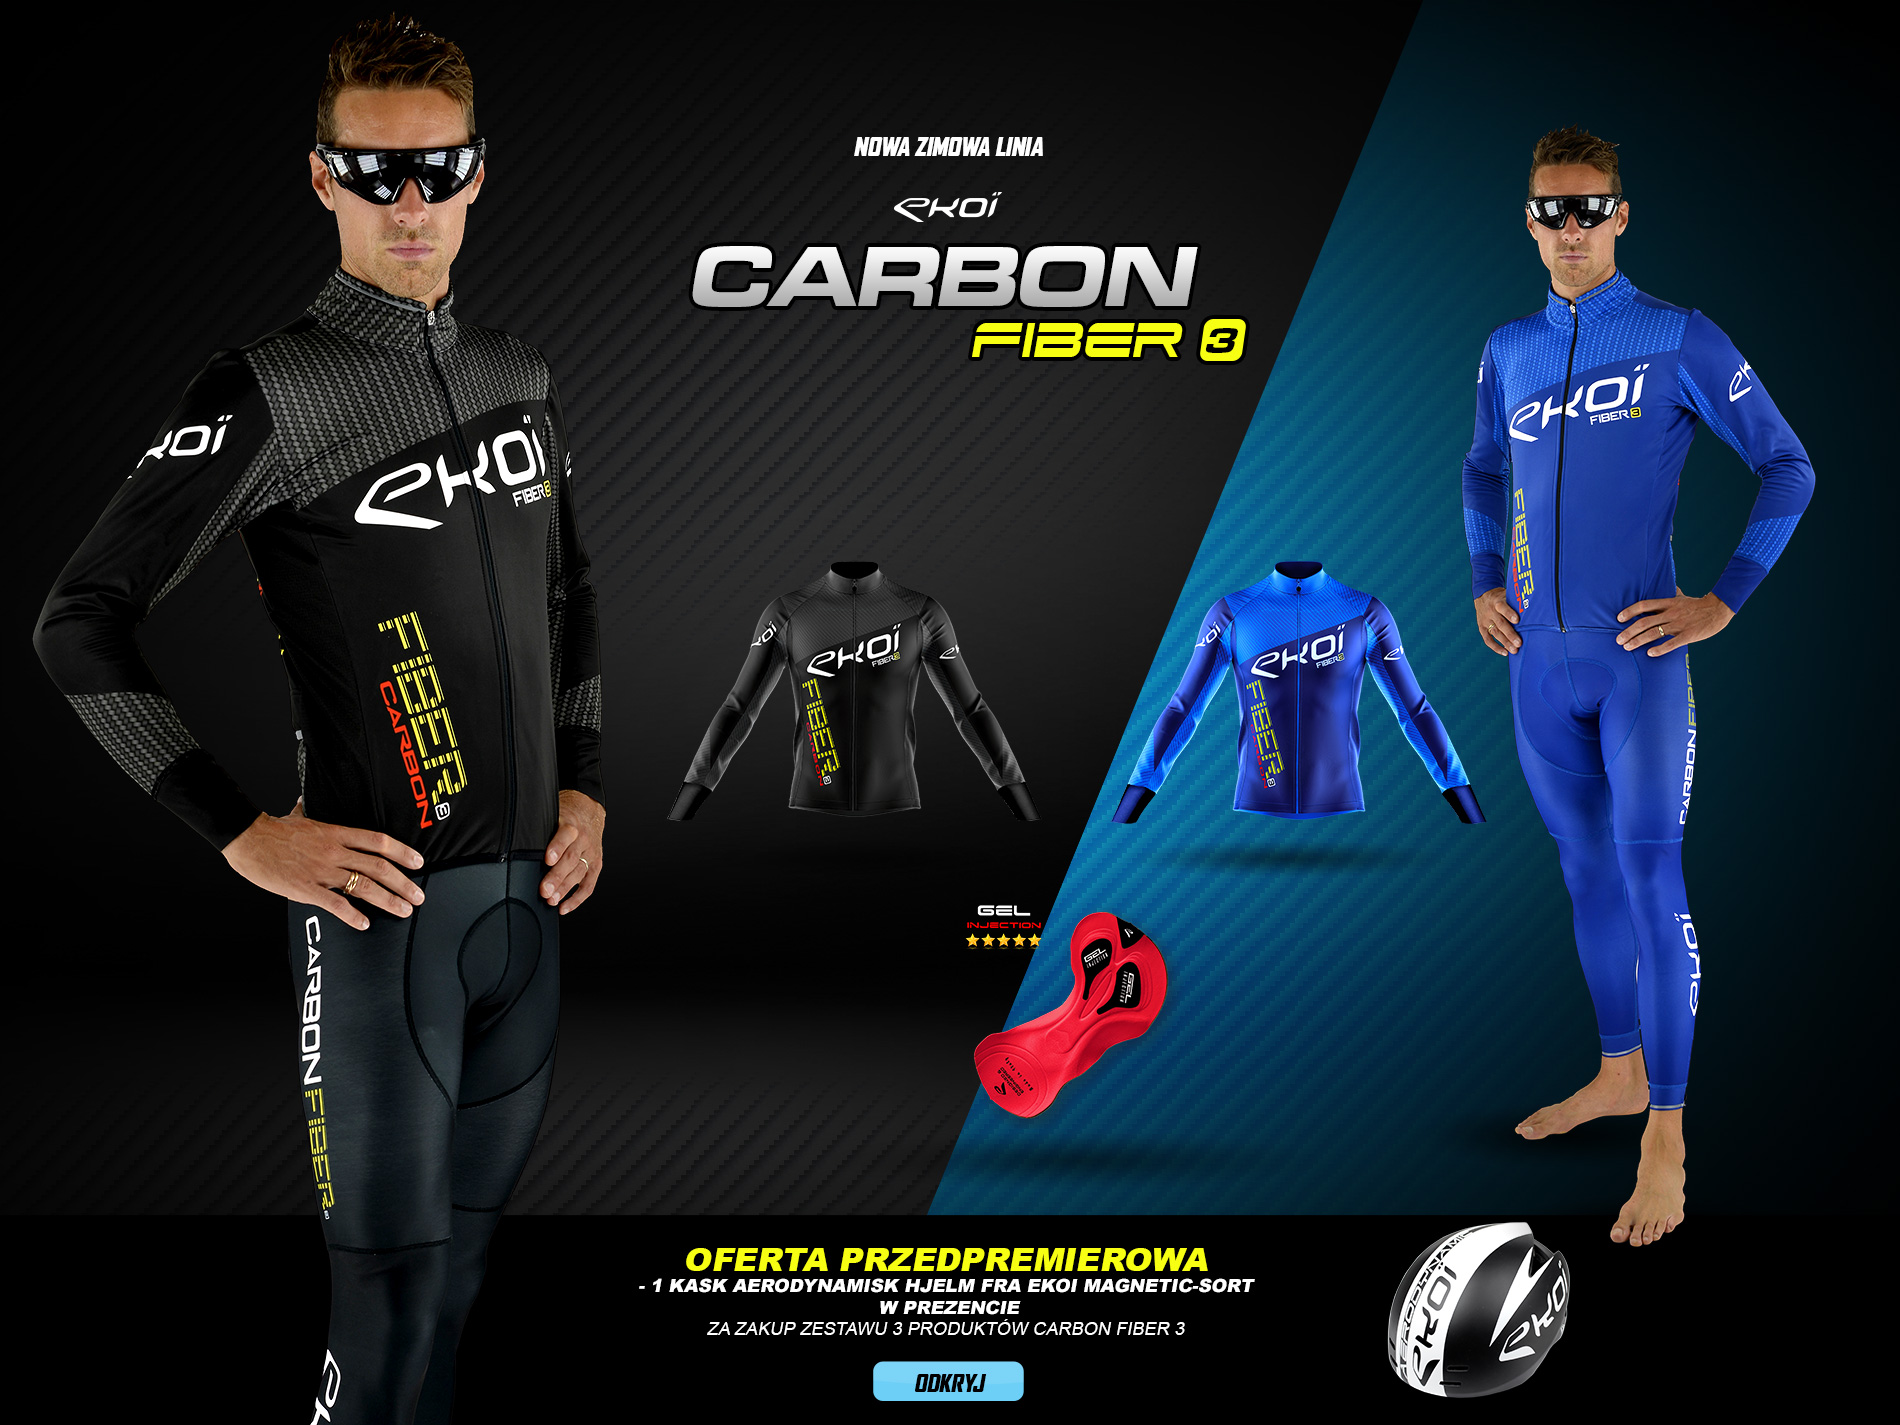 Nouvelle gamme hiver EKOI CARBON FIBER 3